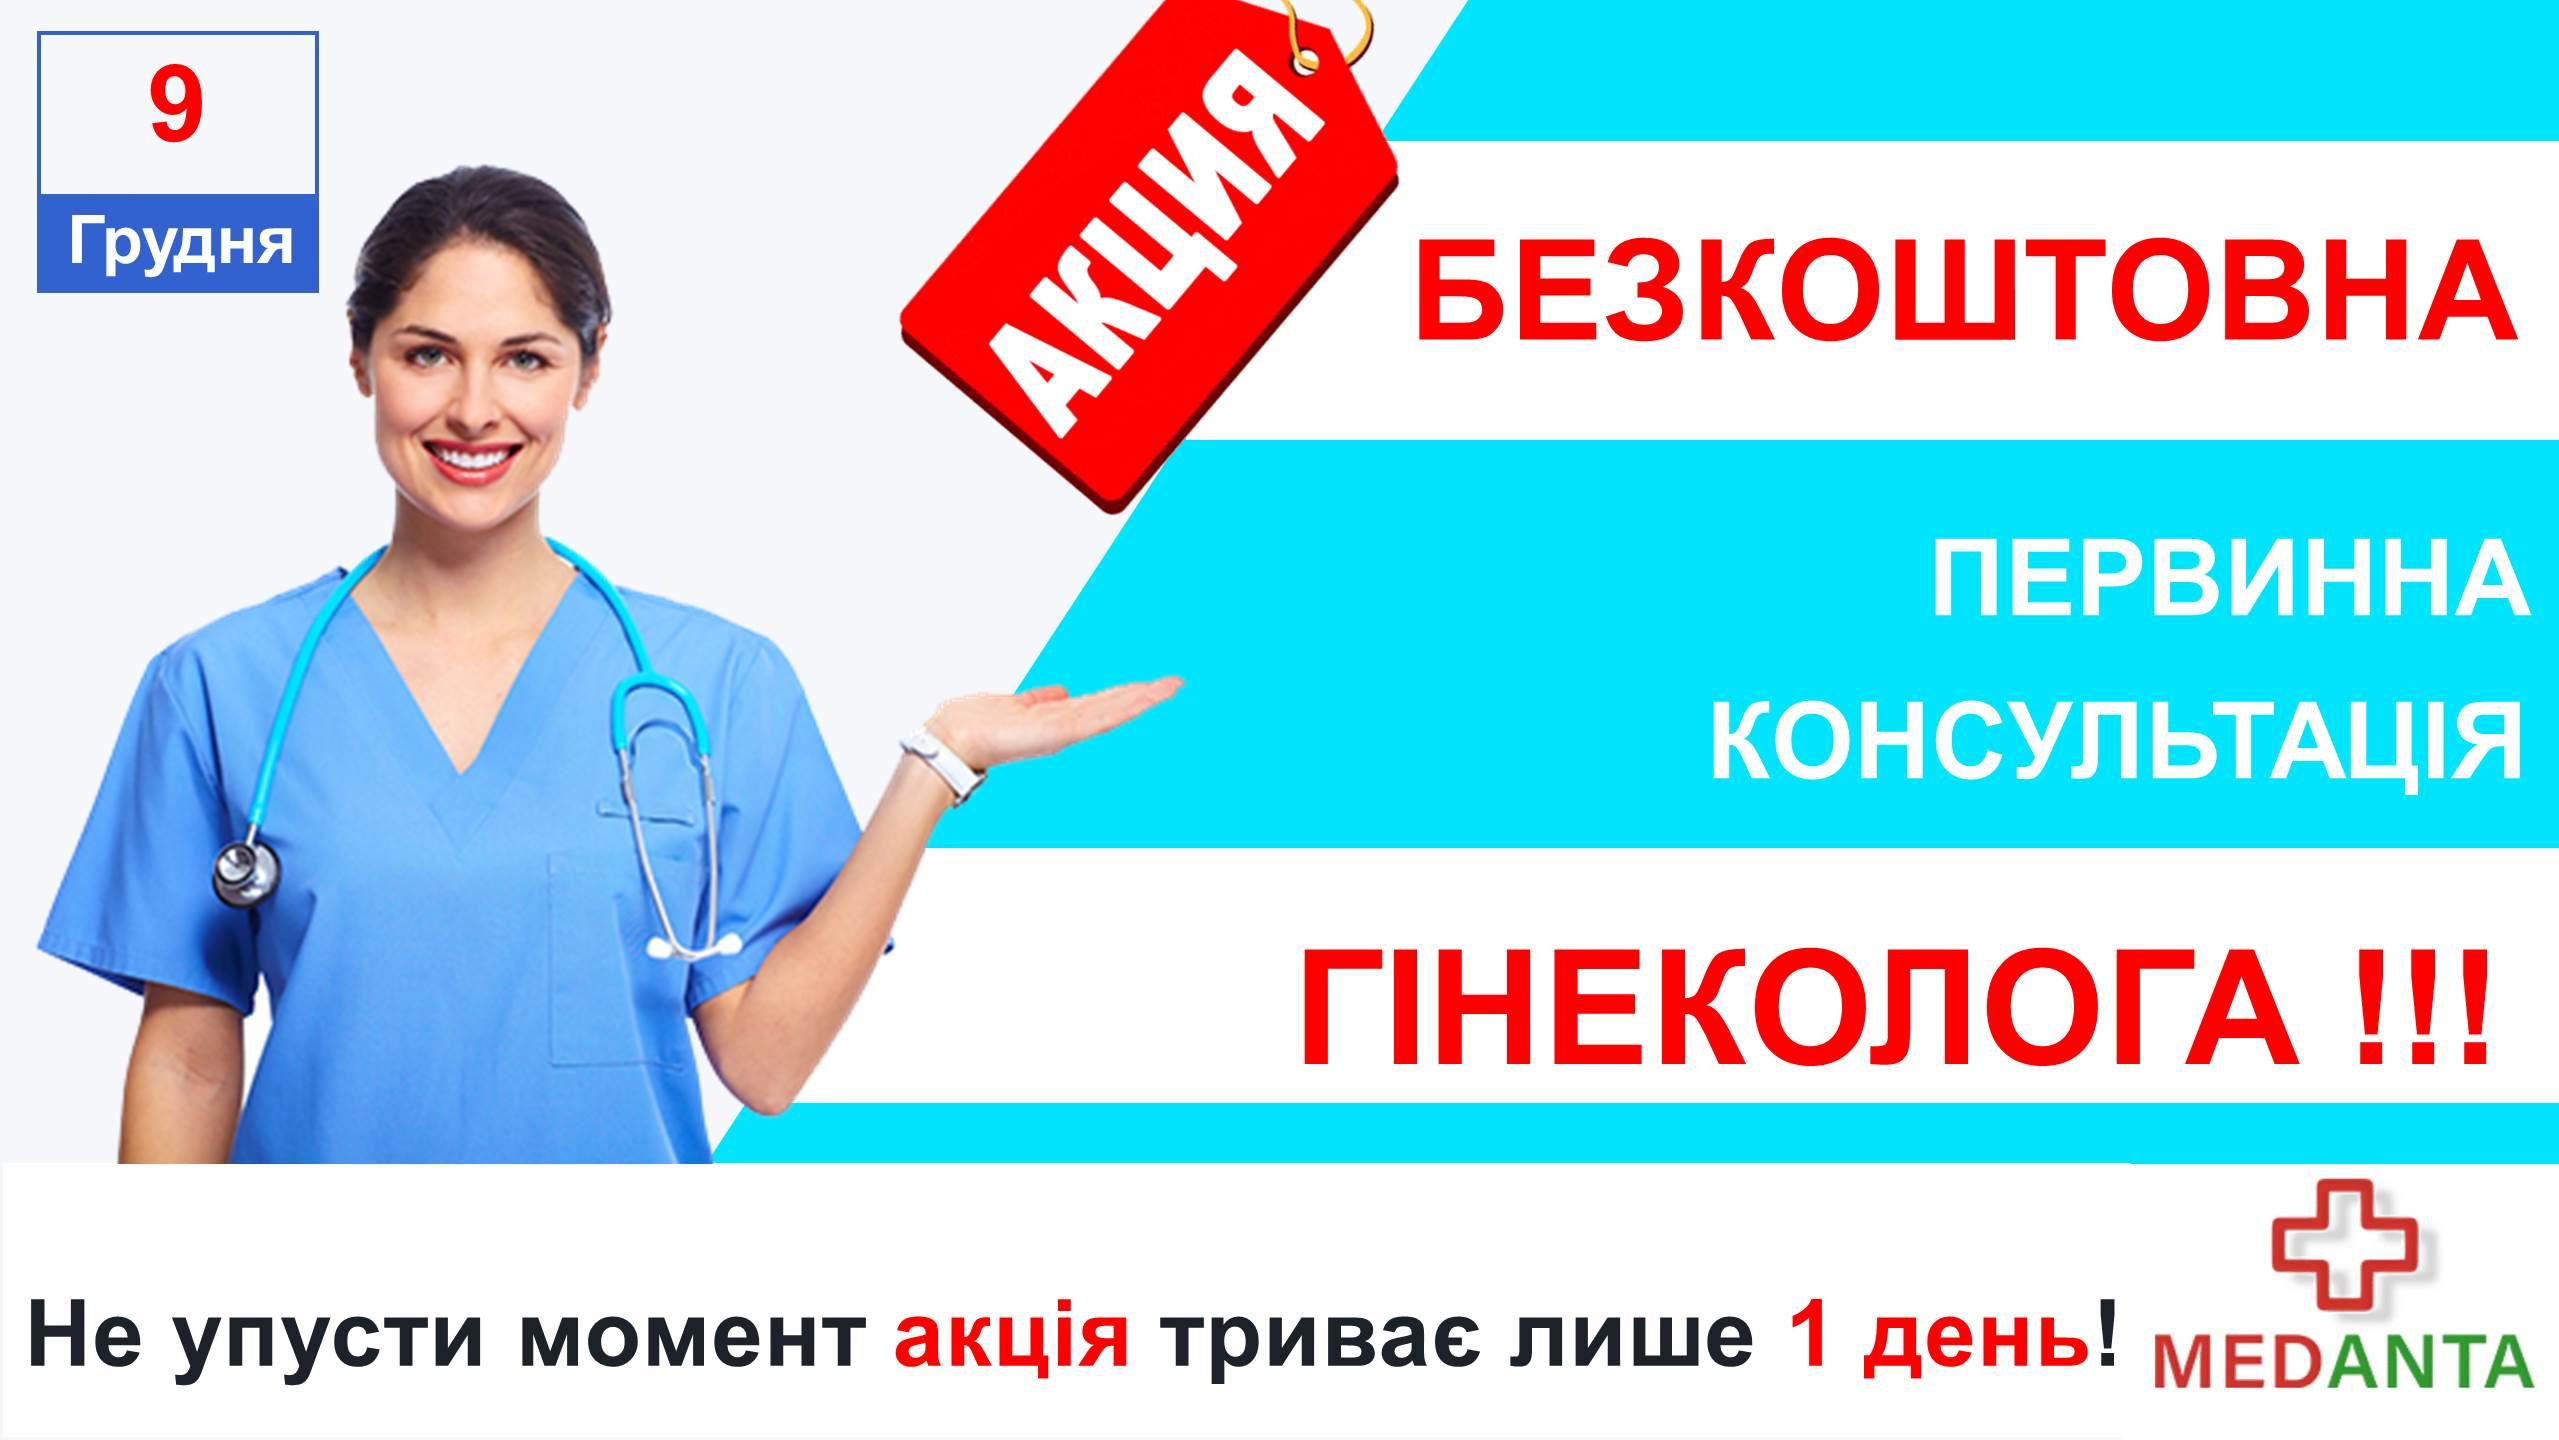 АКЦІЯ! БЕЗКОШТОВНА консультація гінеколога!!!